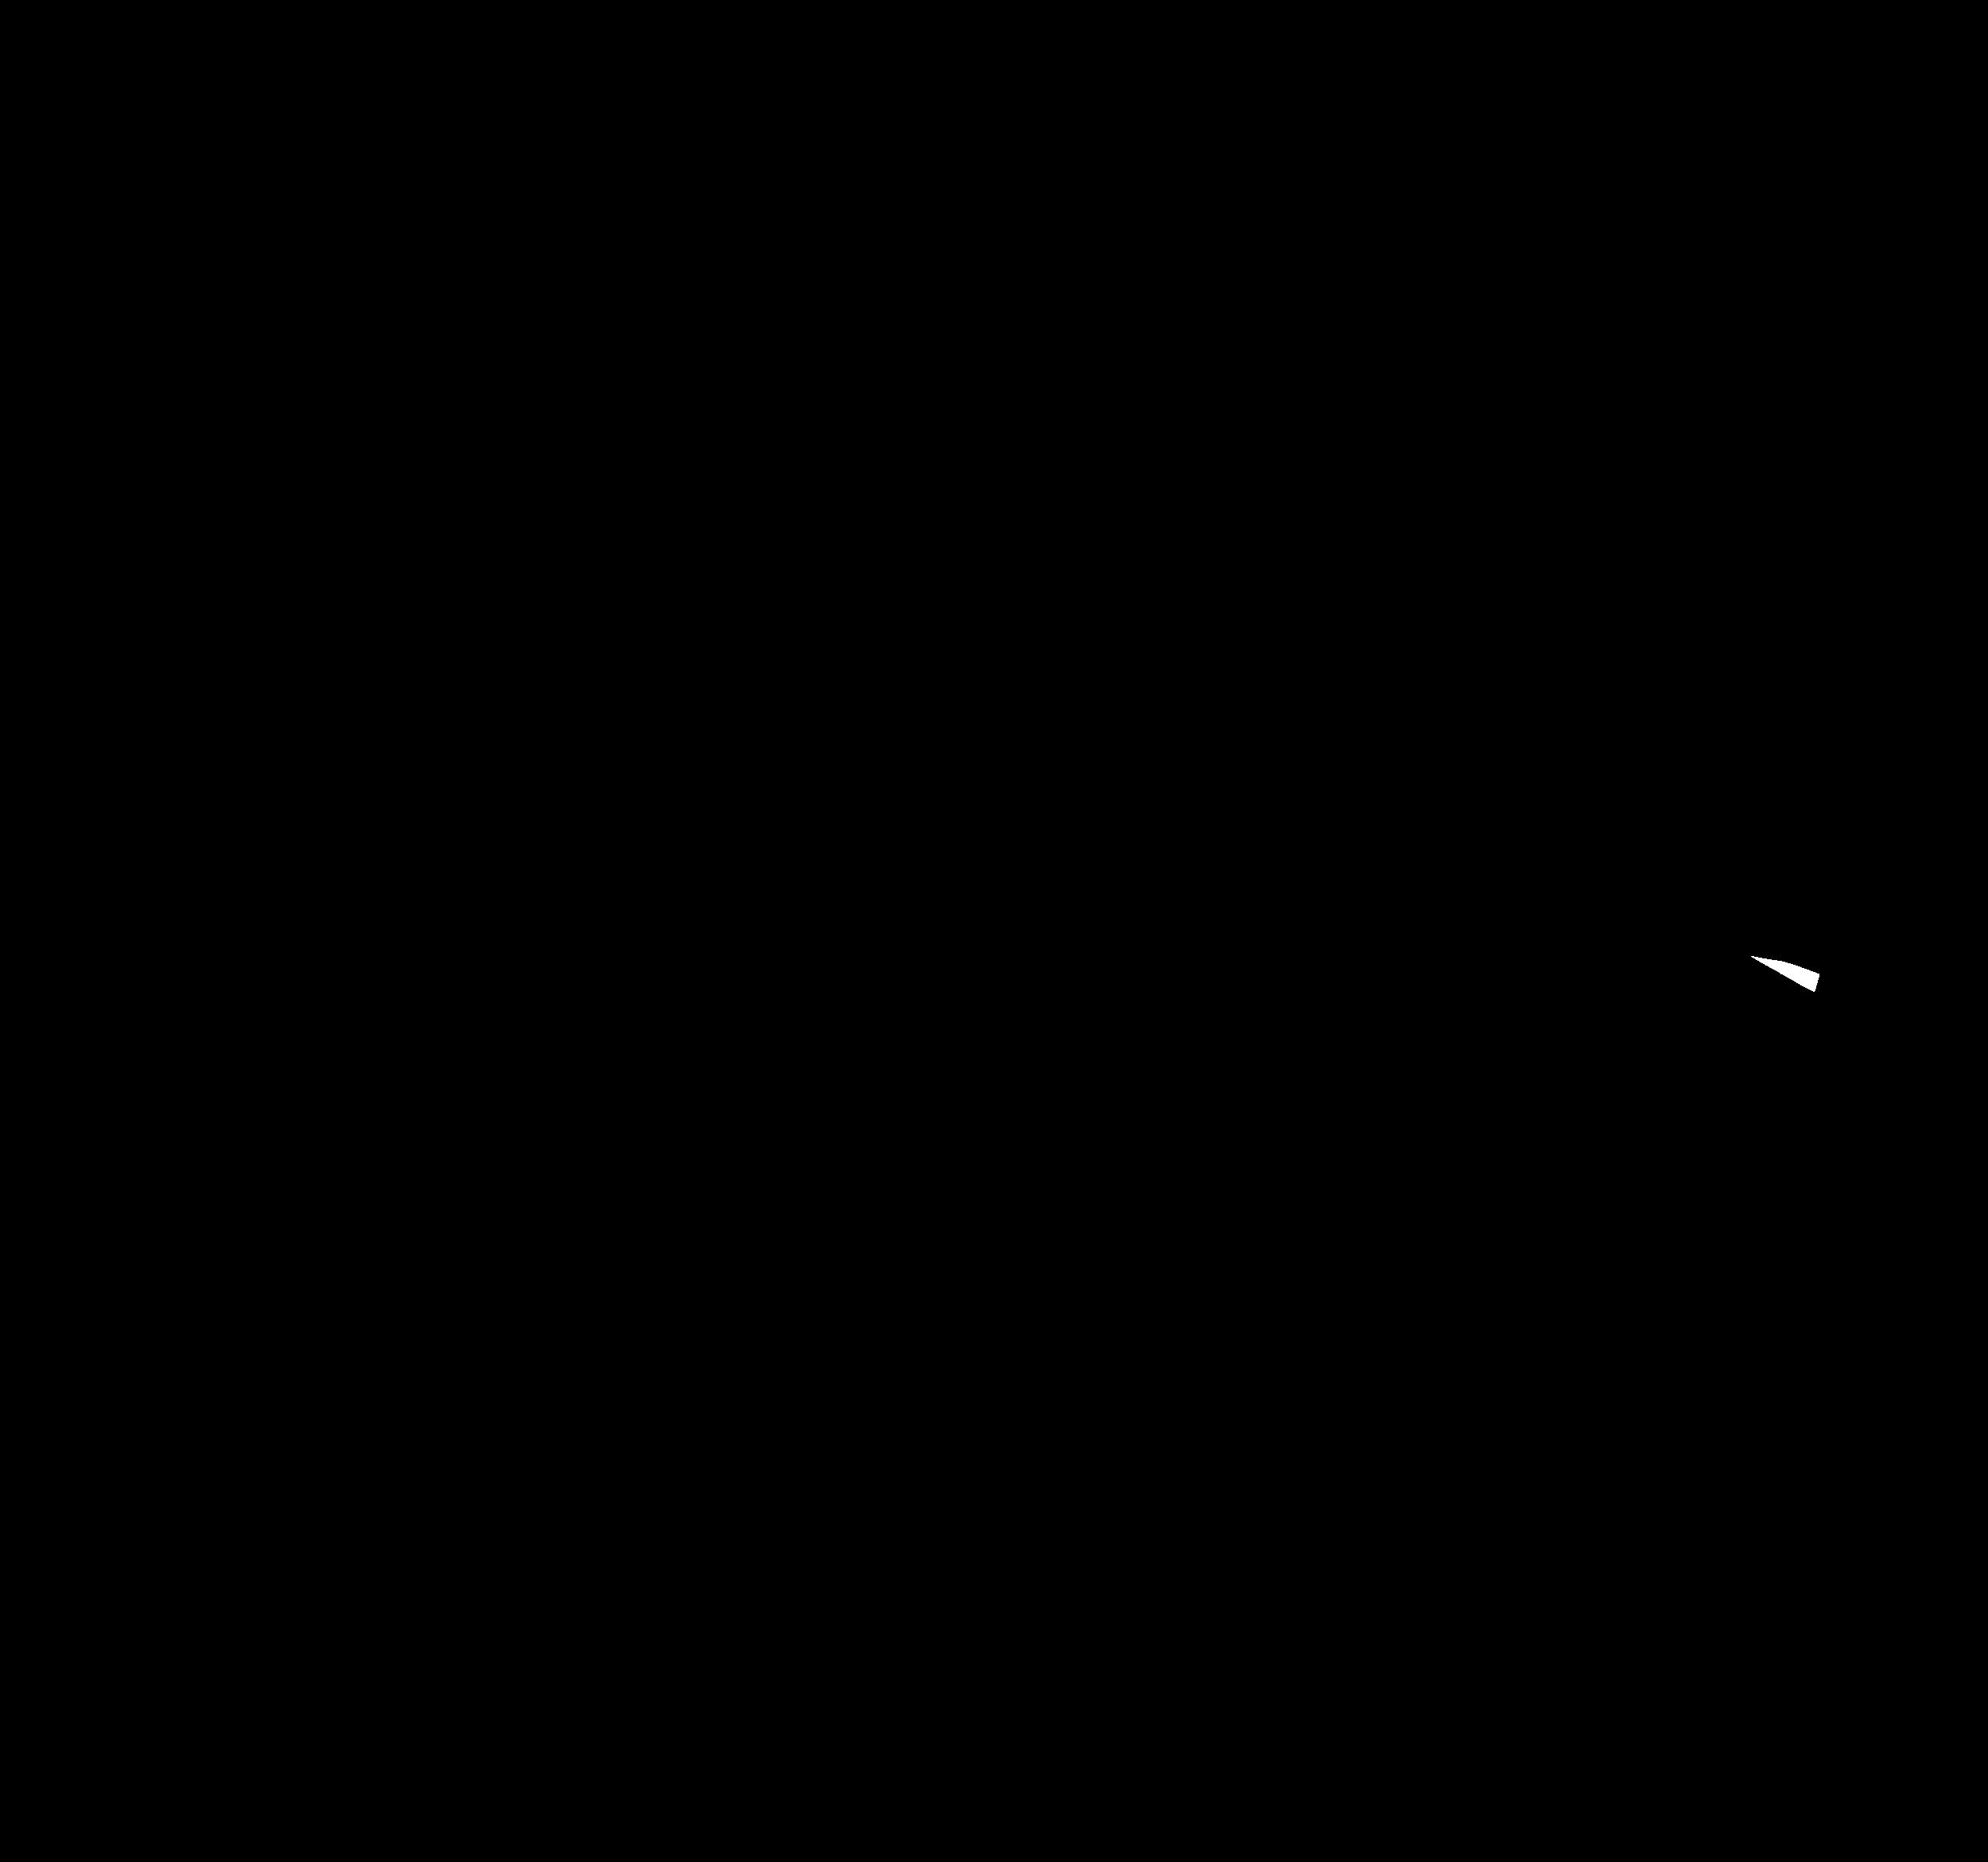 crysalis-plants-03b.png